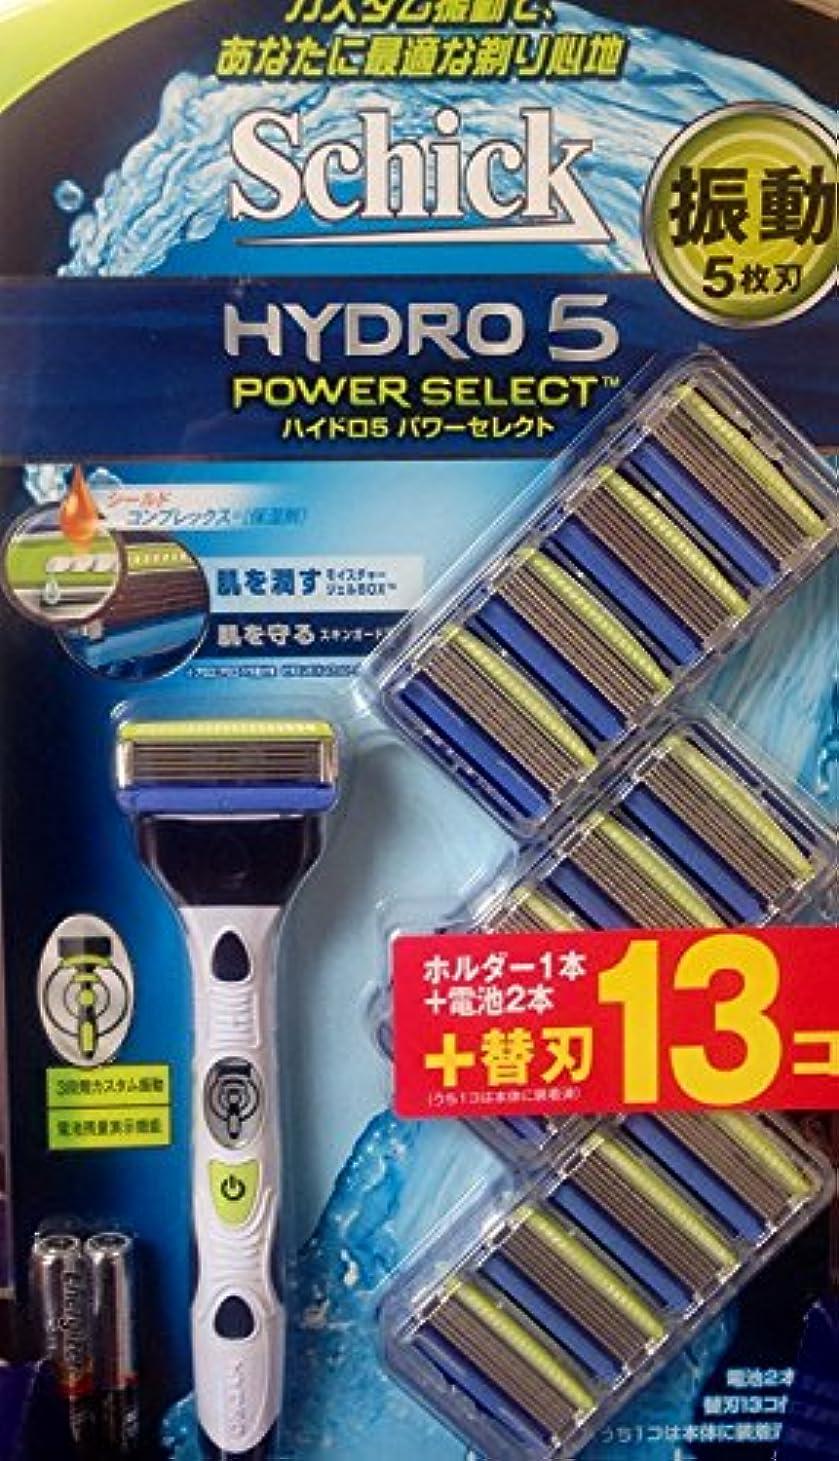 煩わしいのぞき見バスルームお買い得 シック ハイドロ5 パワーセレクトホルダー1本+ 替刃 (13コ入)+電池2本